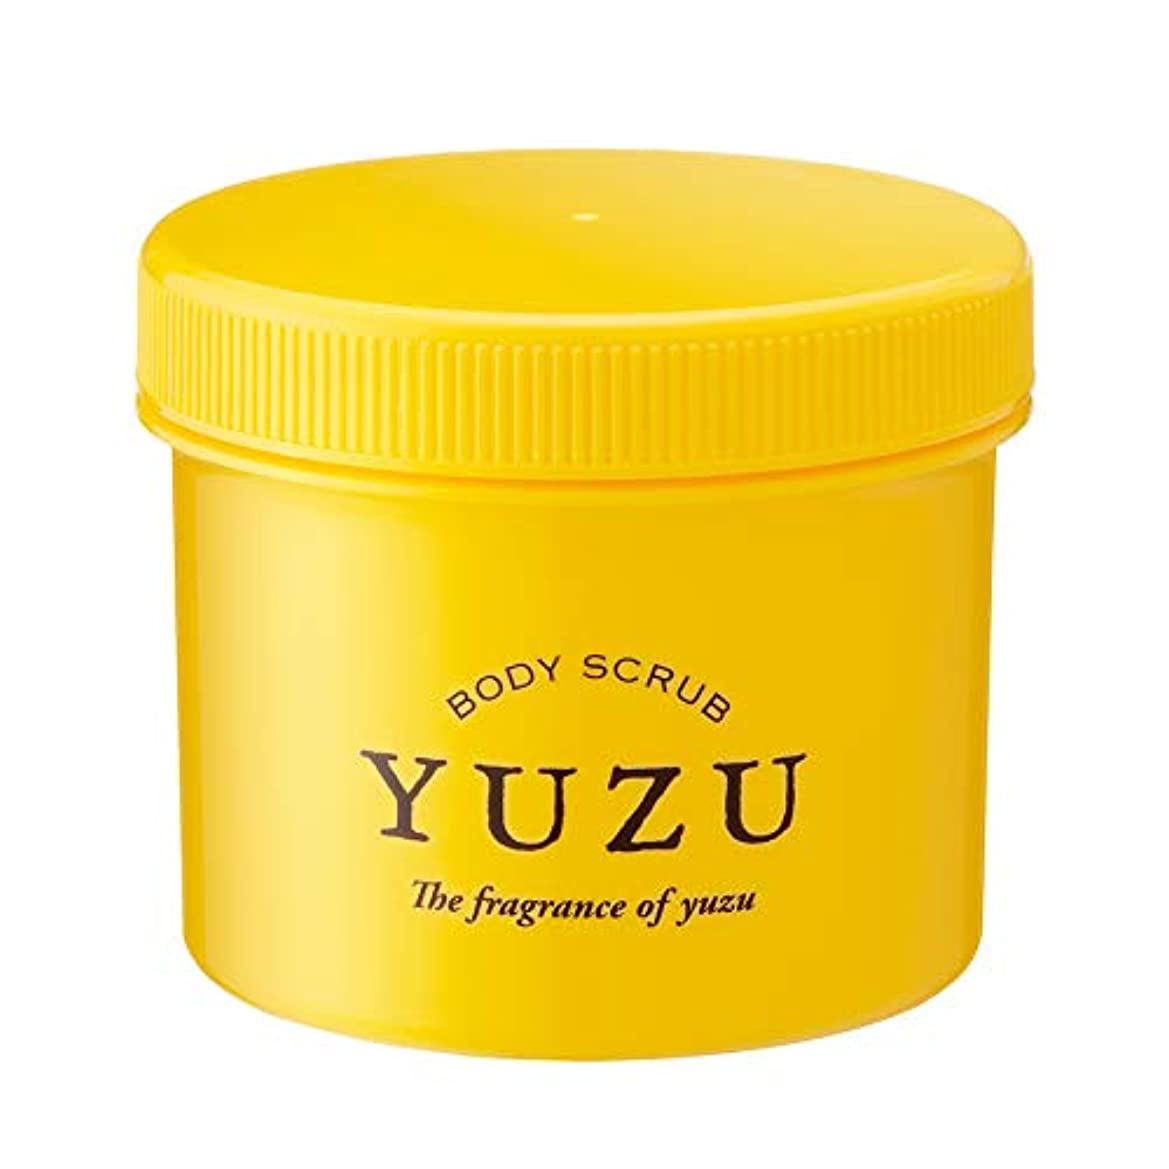 立派なワゴン口(美健)ビケン YUZU ボディマッサージスクラブ 高知県ゆず精油のみで香り付け